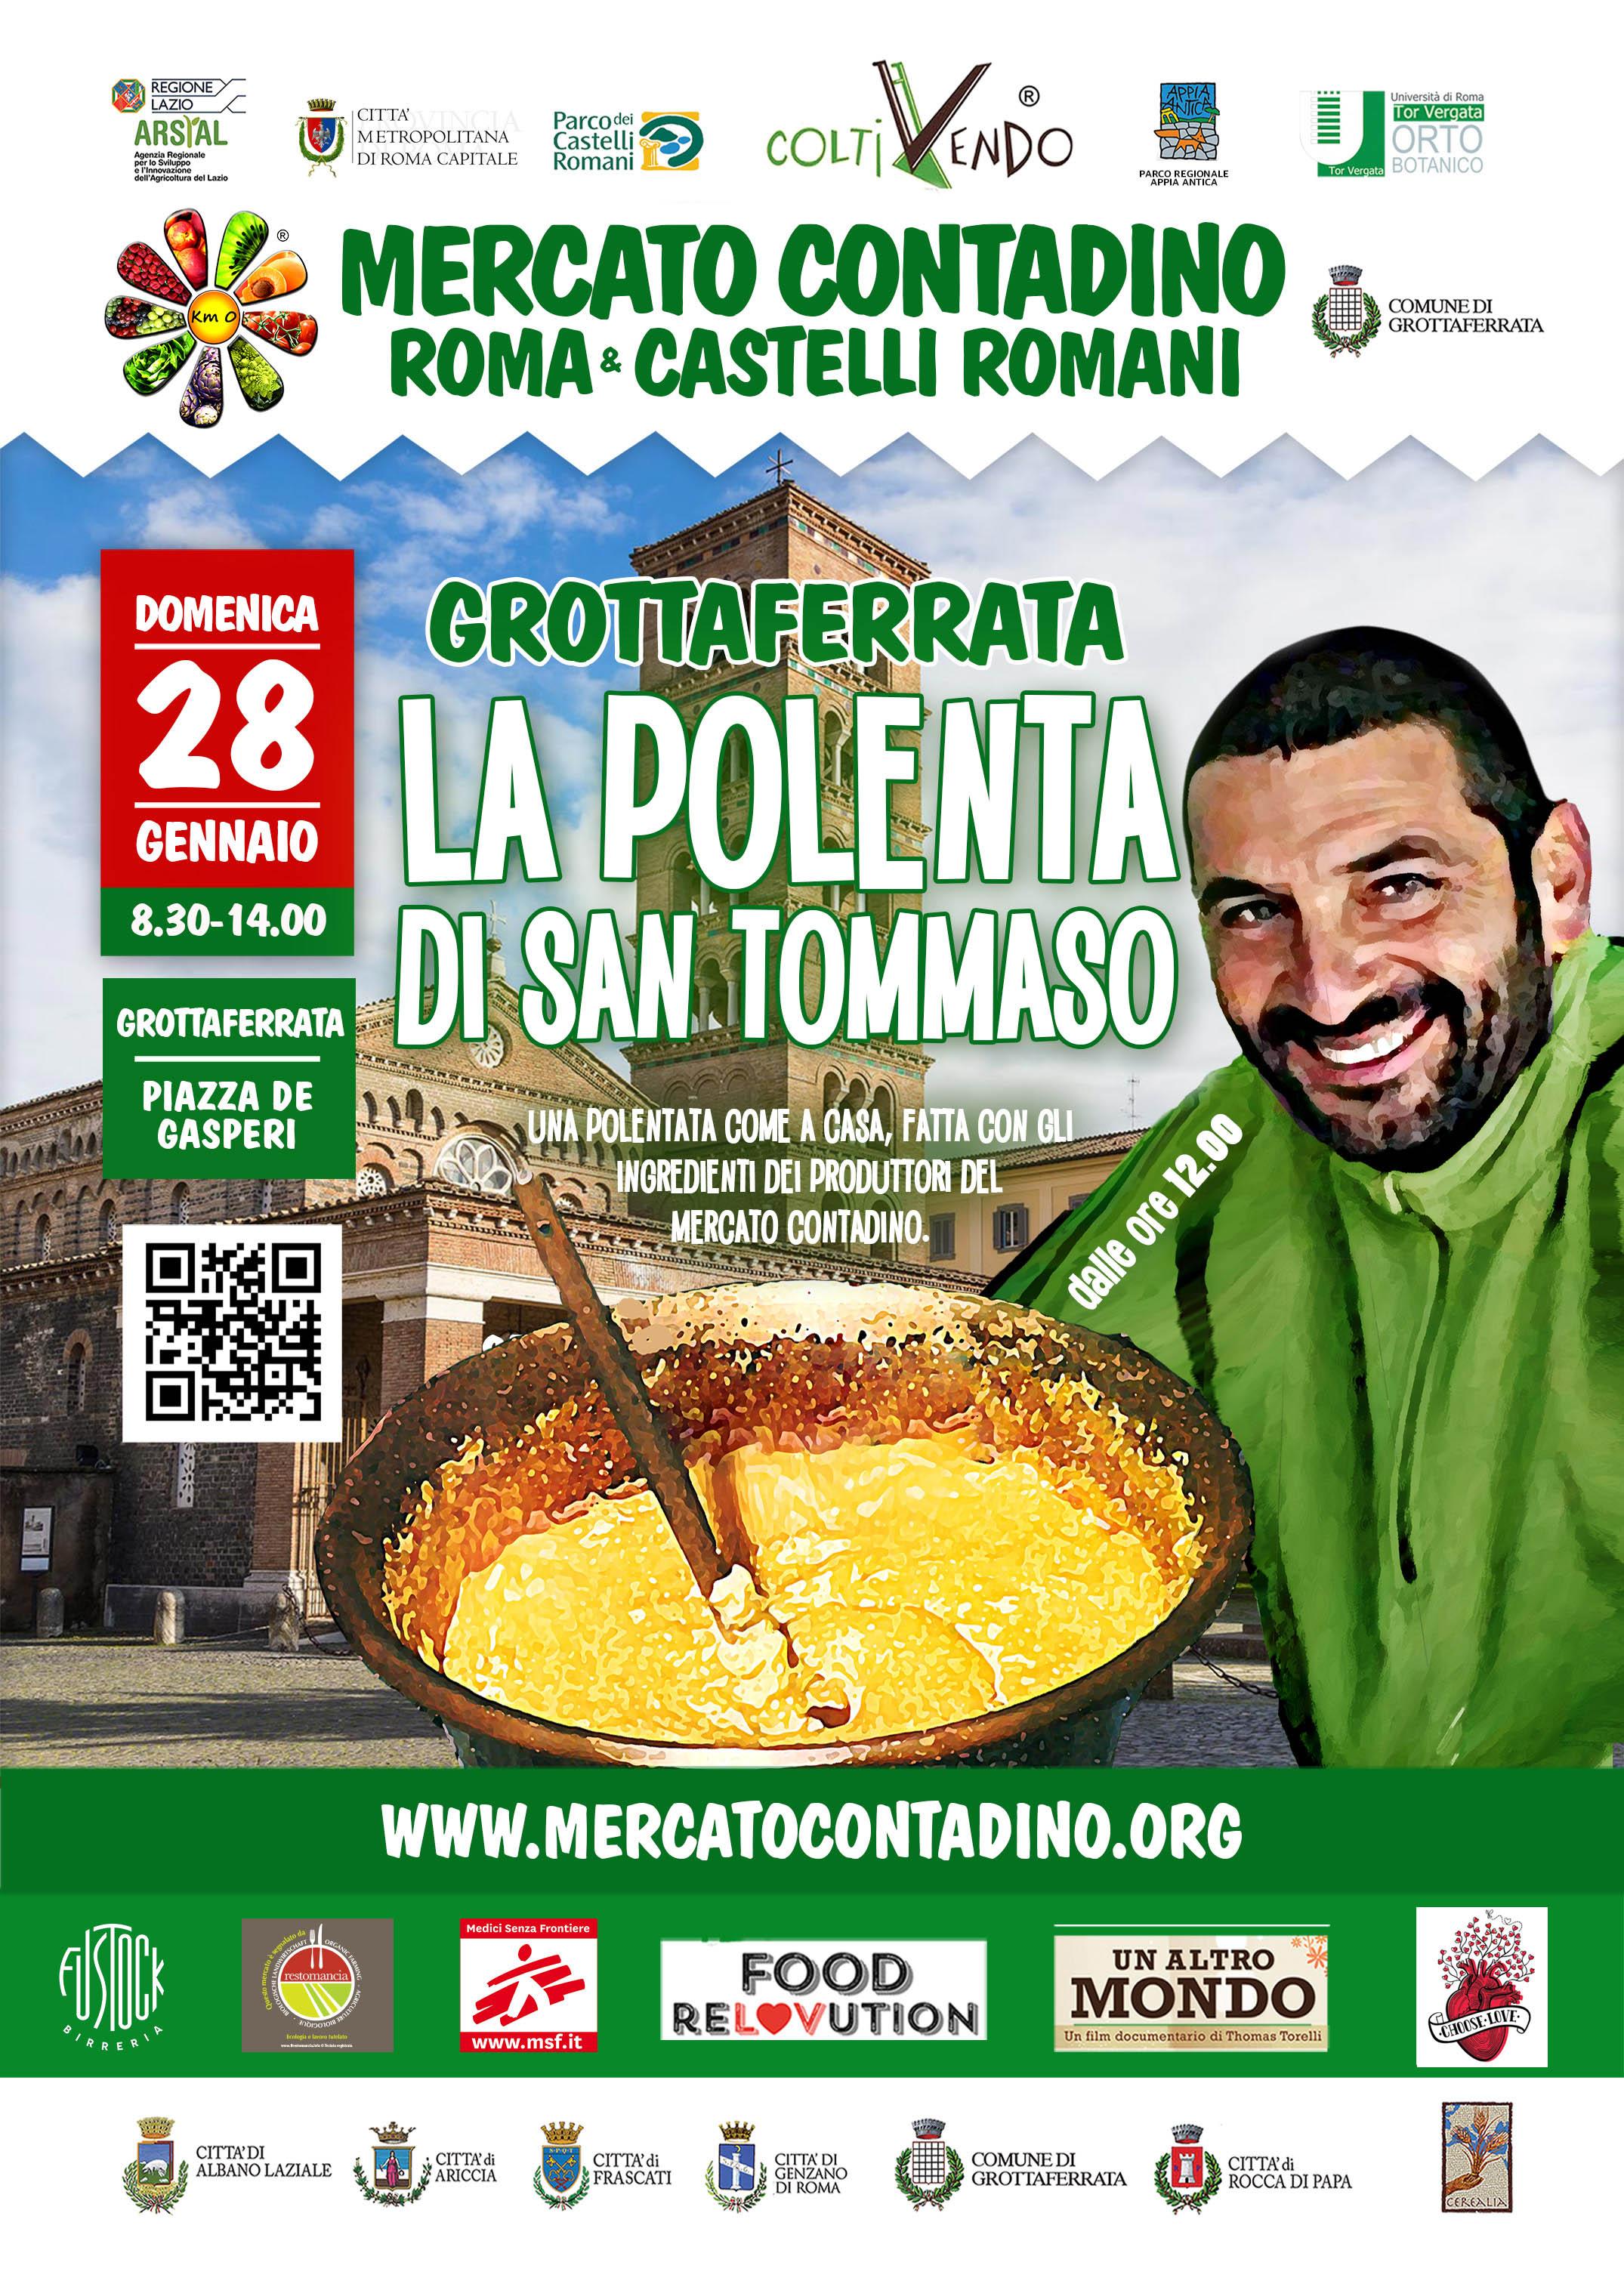 28 Gennaio La Polenta di San Tommaso a Grottaferrata